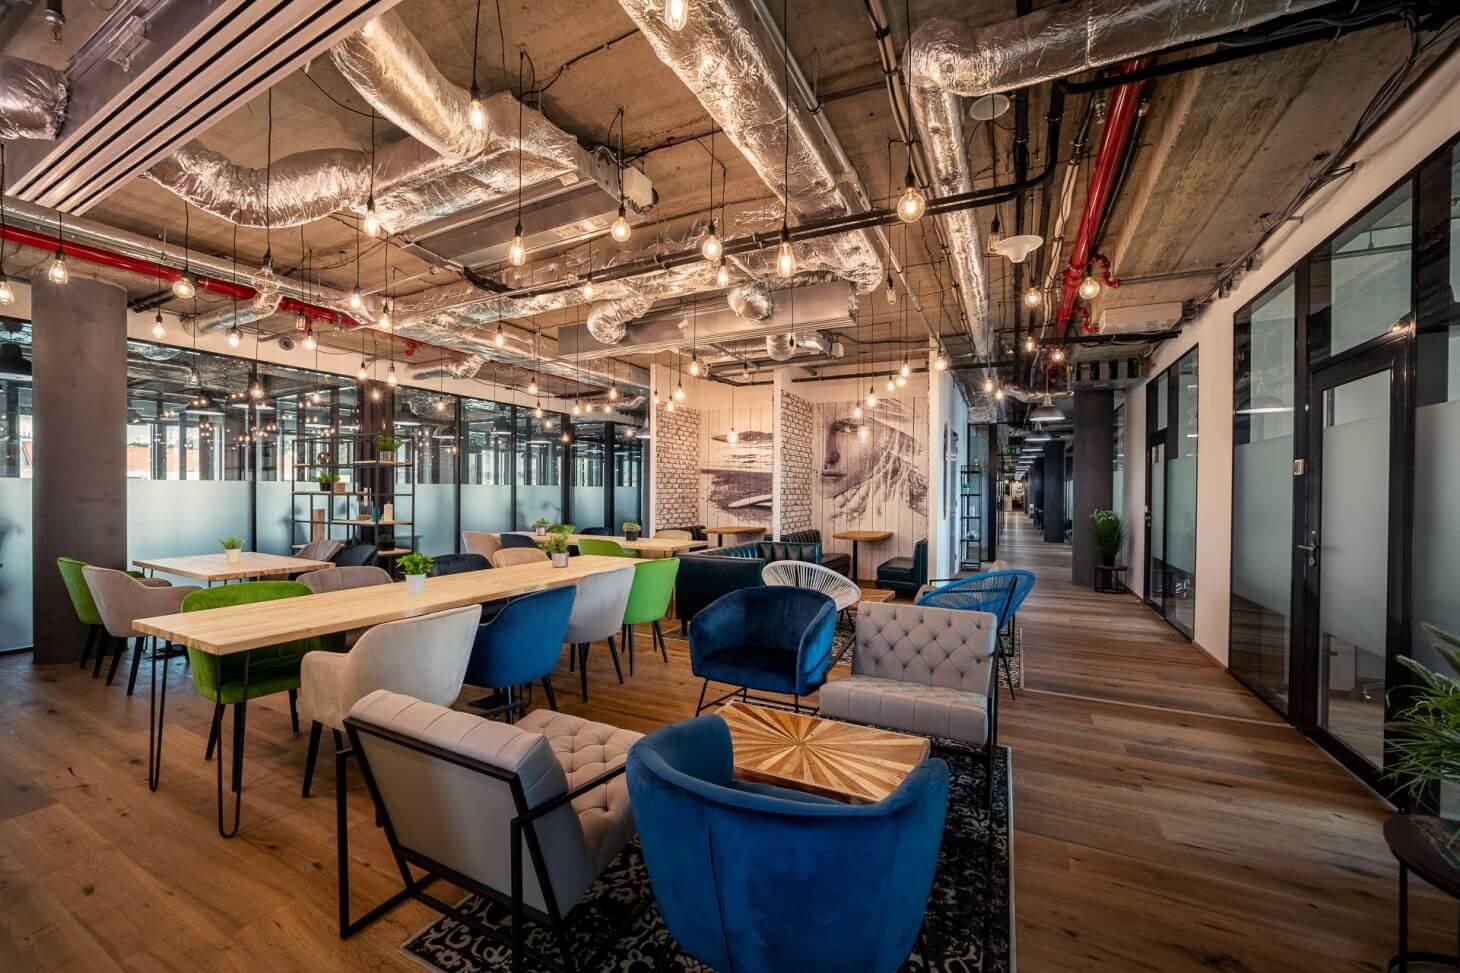 WorkLounge Karlín - Designový coworking a soukromé kanceláře v Praze